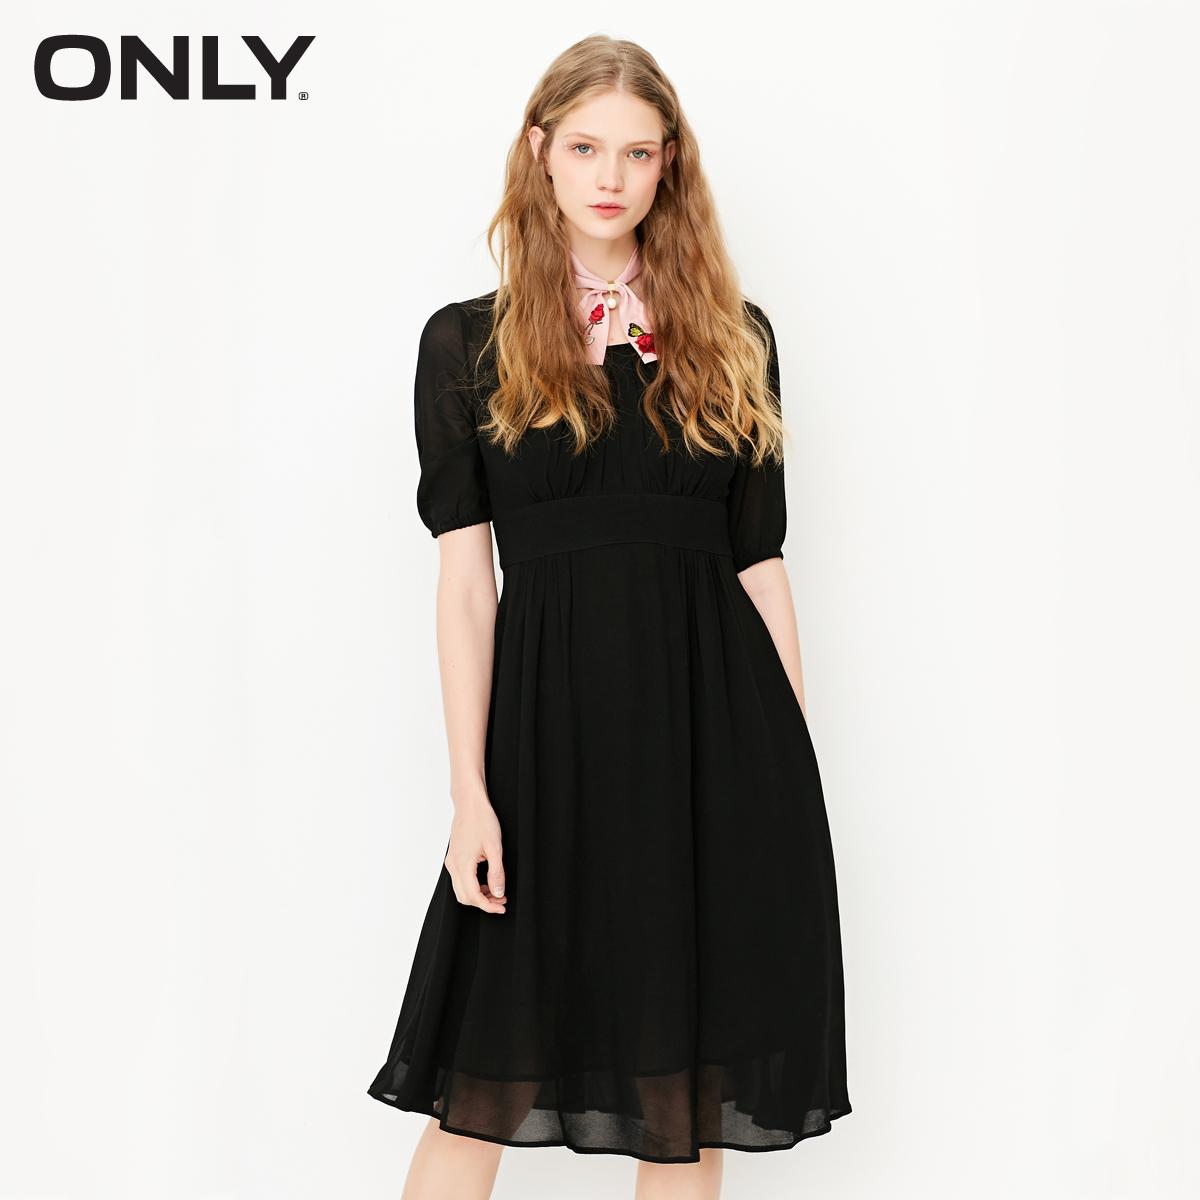 Chỉ đầu mùa xuân mới vòng cổ gấp thiết kế chiffon cao eo váy nữ -116207537